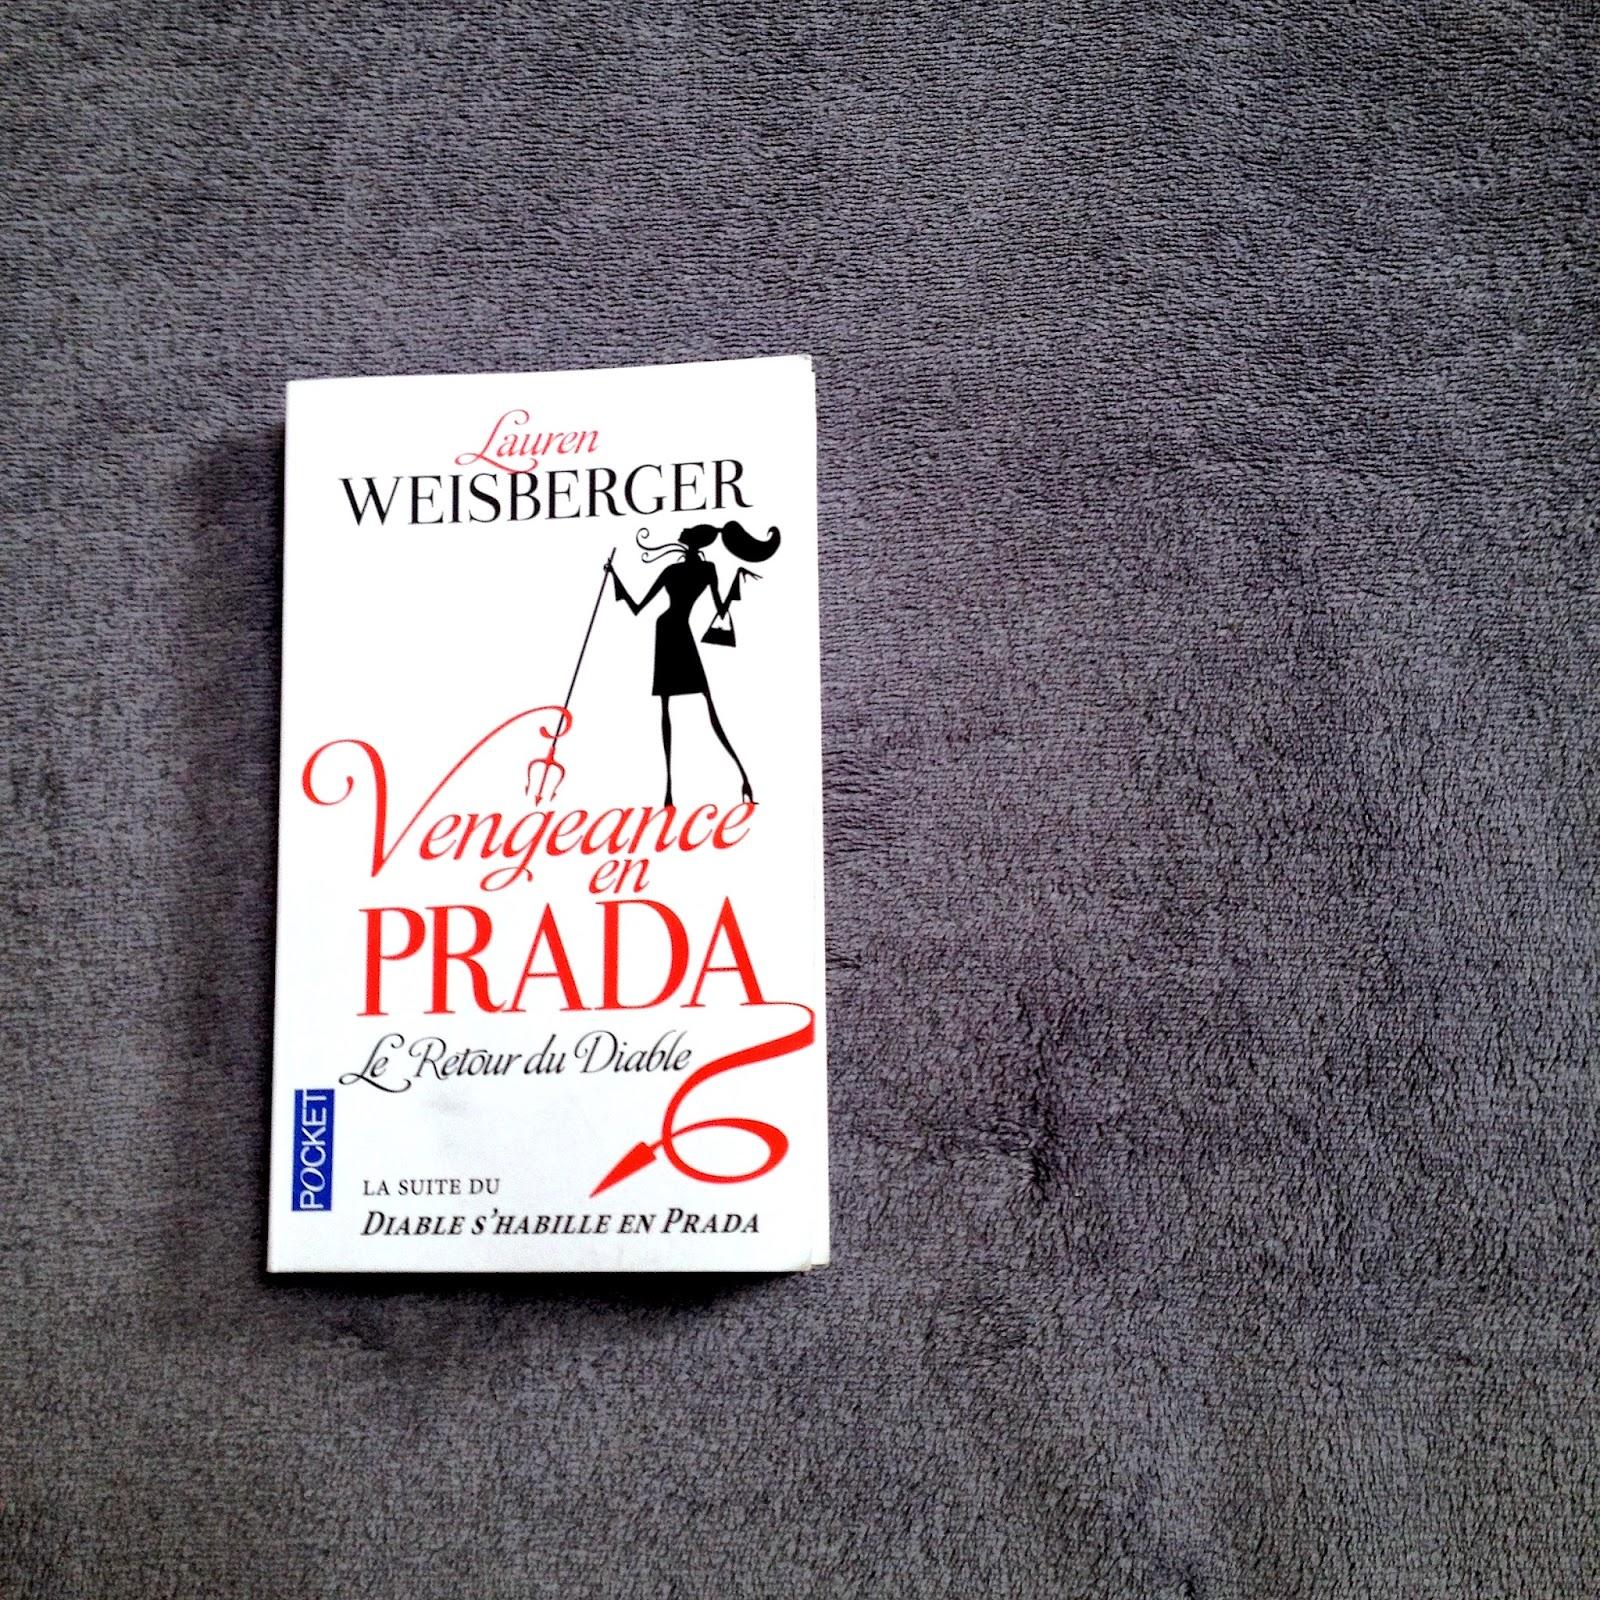 Vengeance en Prada Weisberger